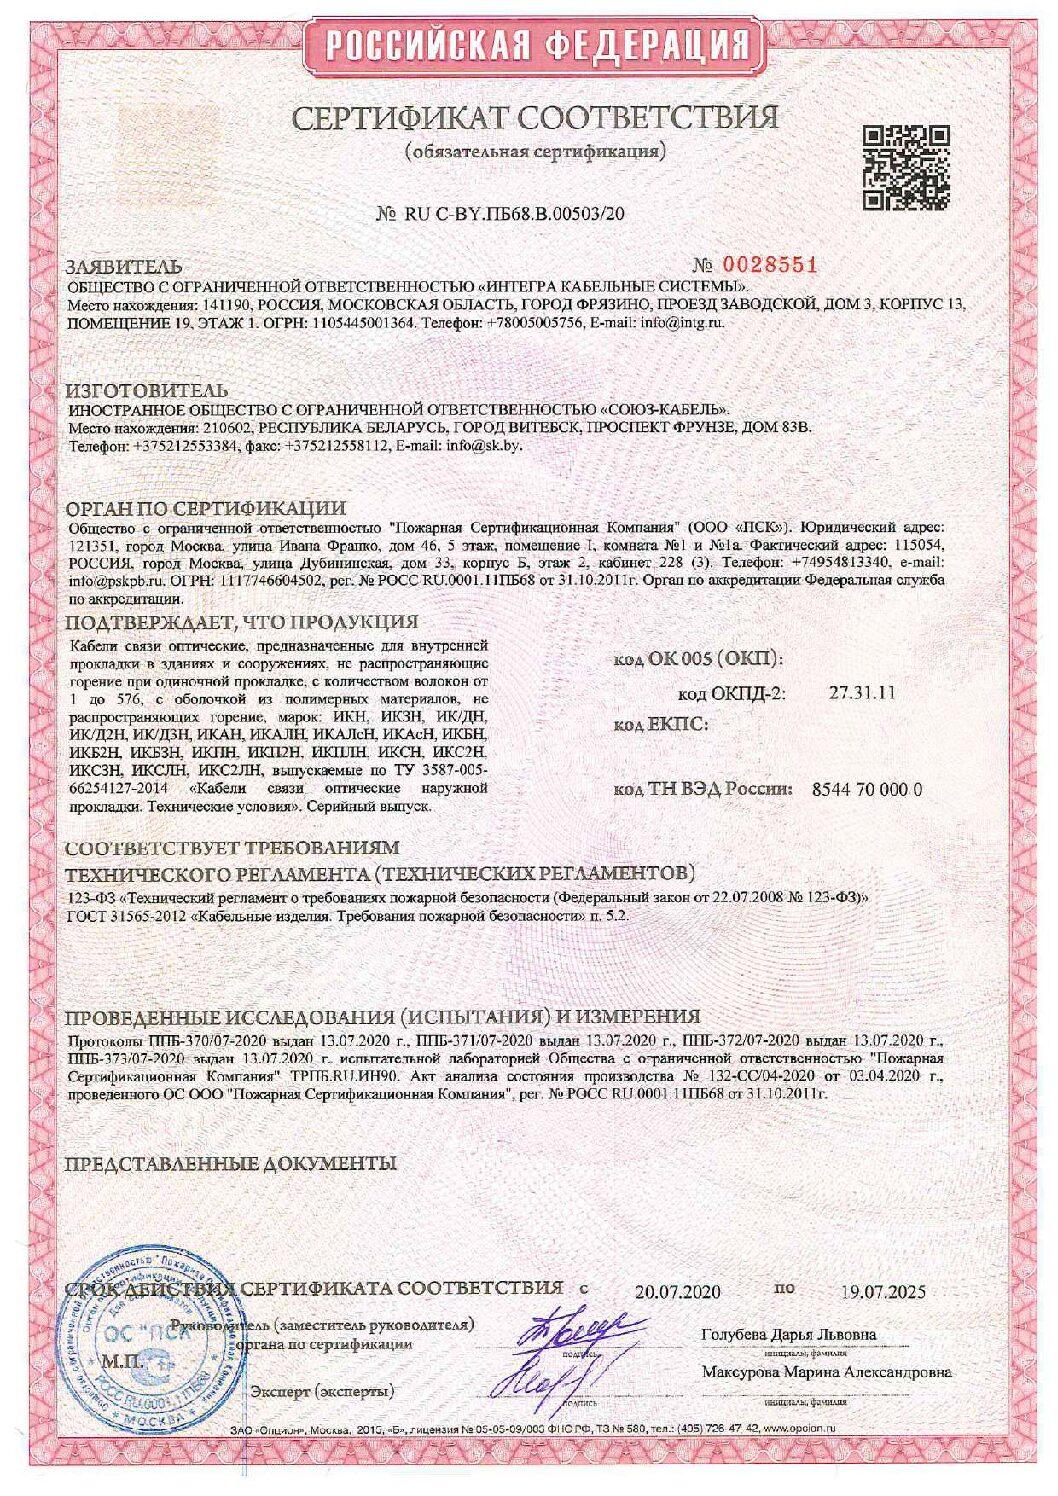 Сертификат соответствия на оптические кабели, не распространяющие горение при одиночной прокладке